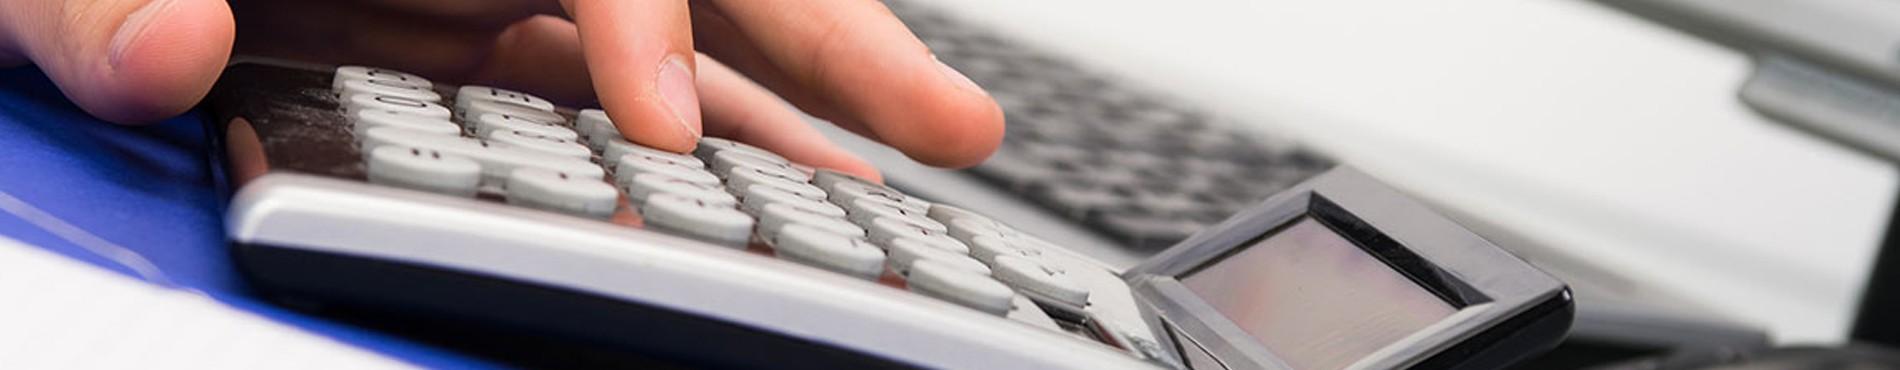 Calculatrice Publicitaire Personnalisée